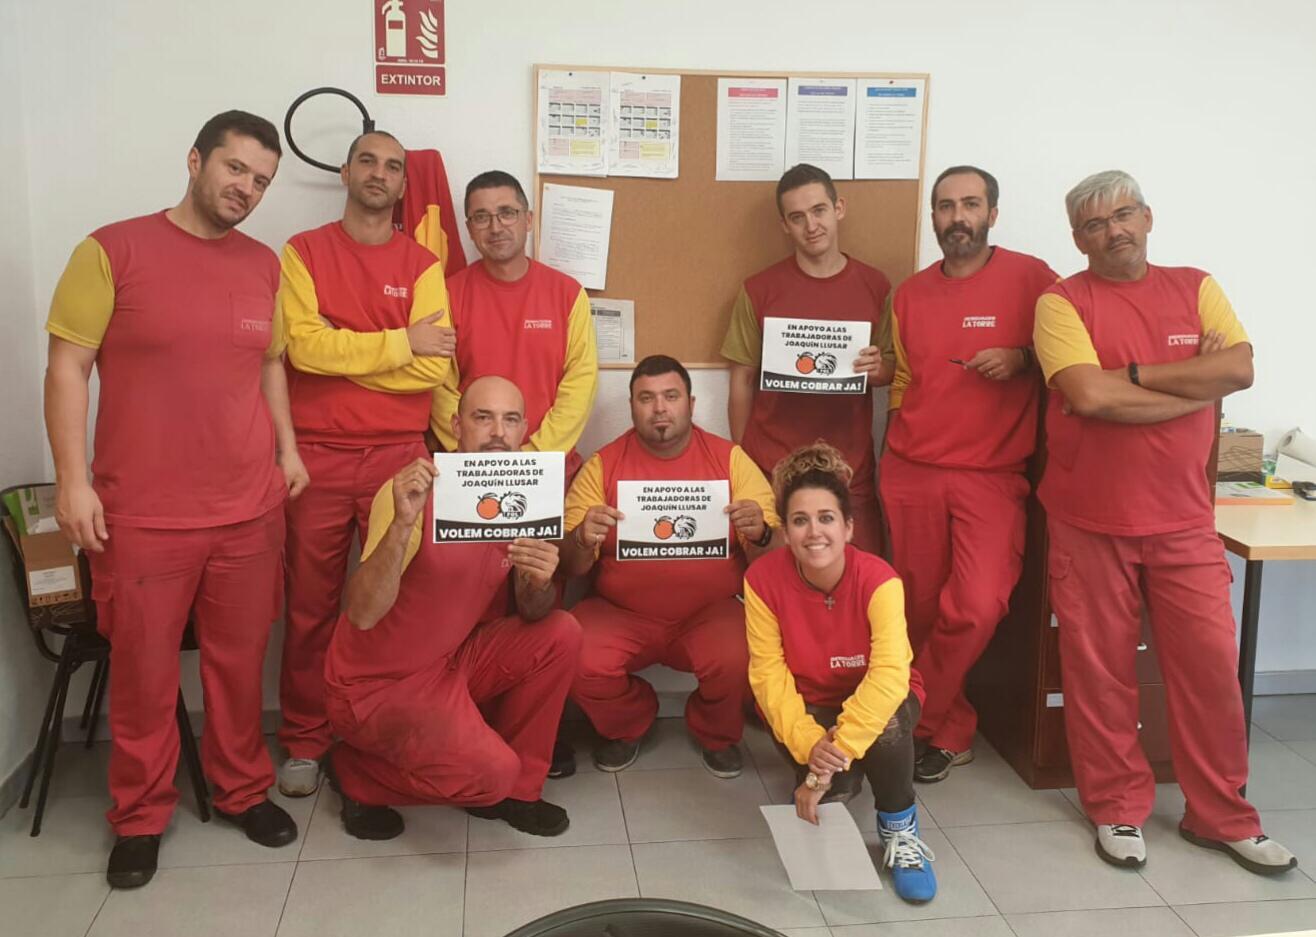 Desguaces La Torre En Apoyo A Las Trabajadoras De Joaquin Llusar